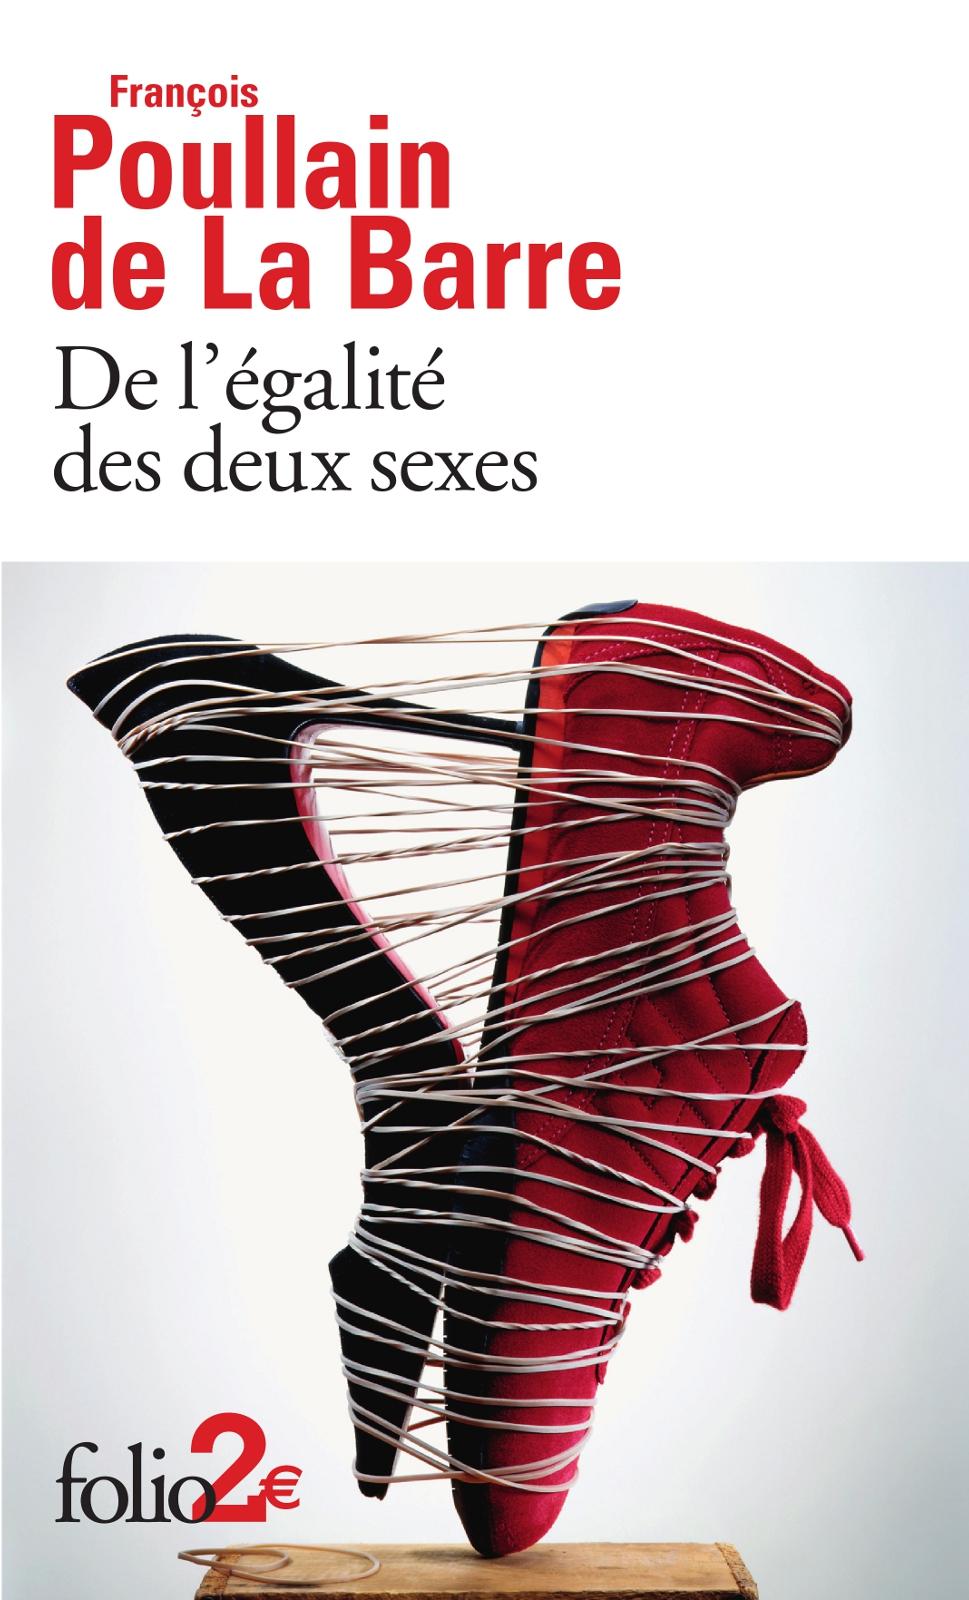 De l'égalité des deux sexes. Discours physique et moral où l'on voit l'importance de se défaire des préjugés | Poullain de La Barre, François (1647-1725). Auteur